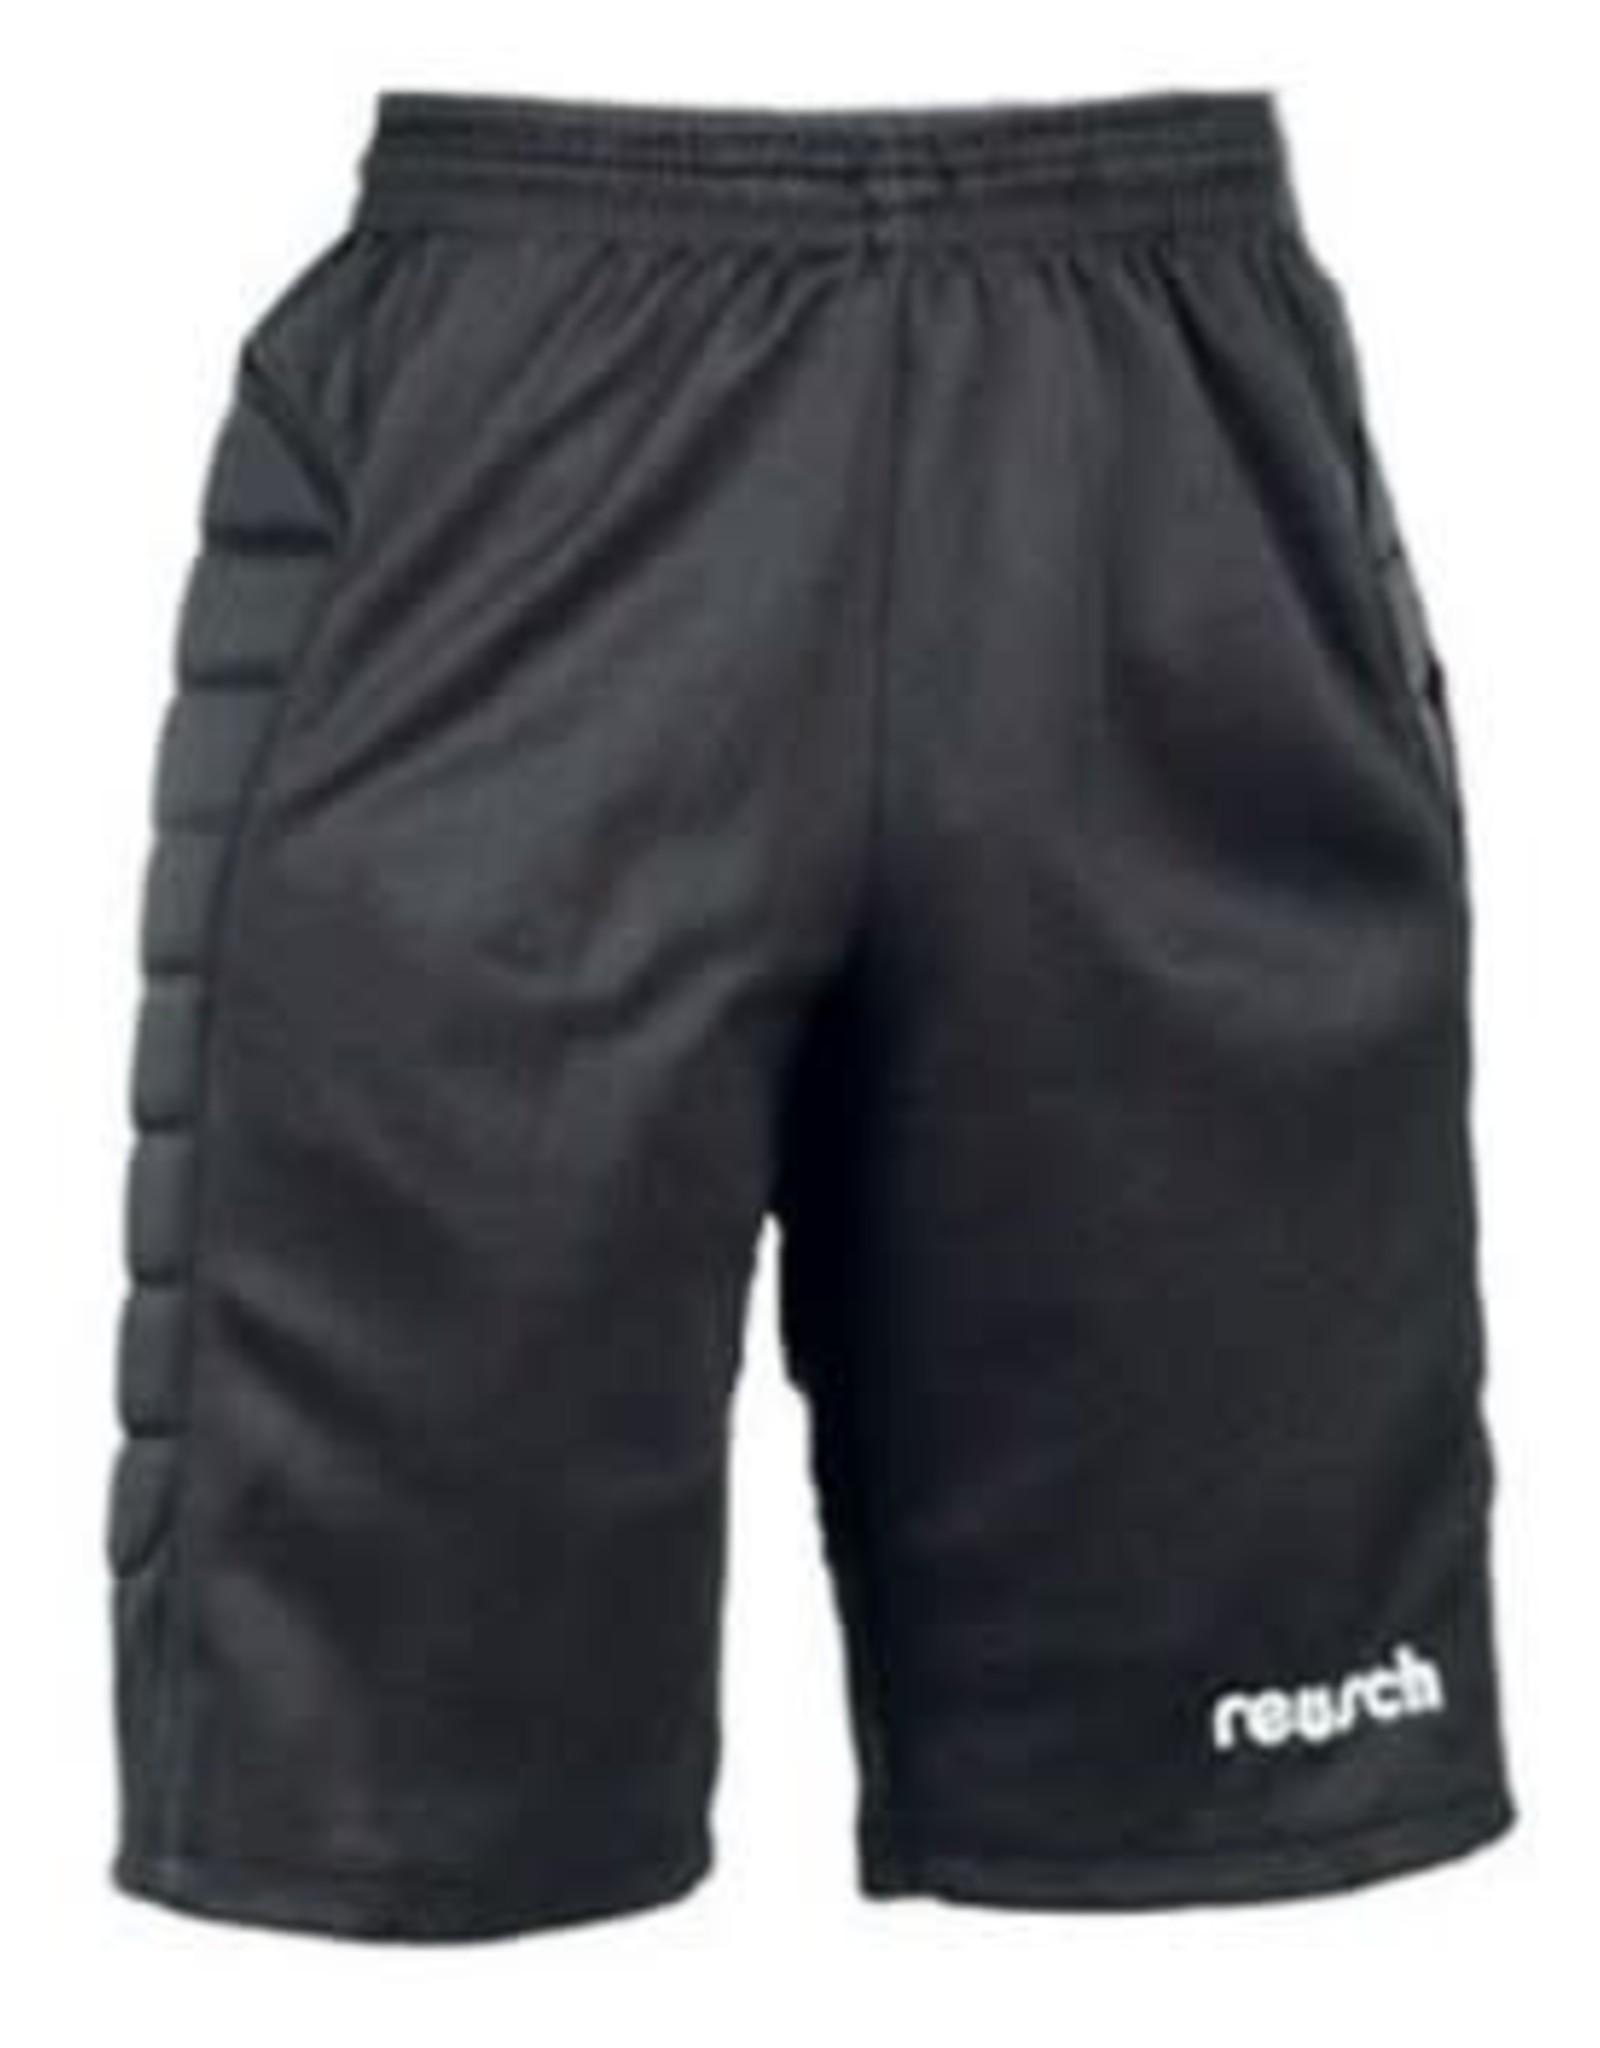 Reusch Reusch Cotton Bowl Short